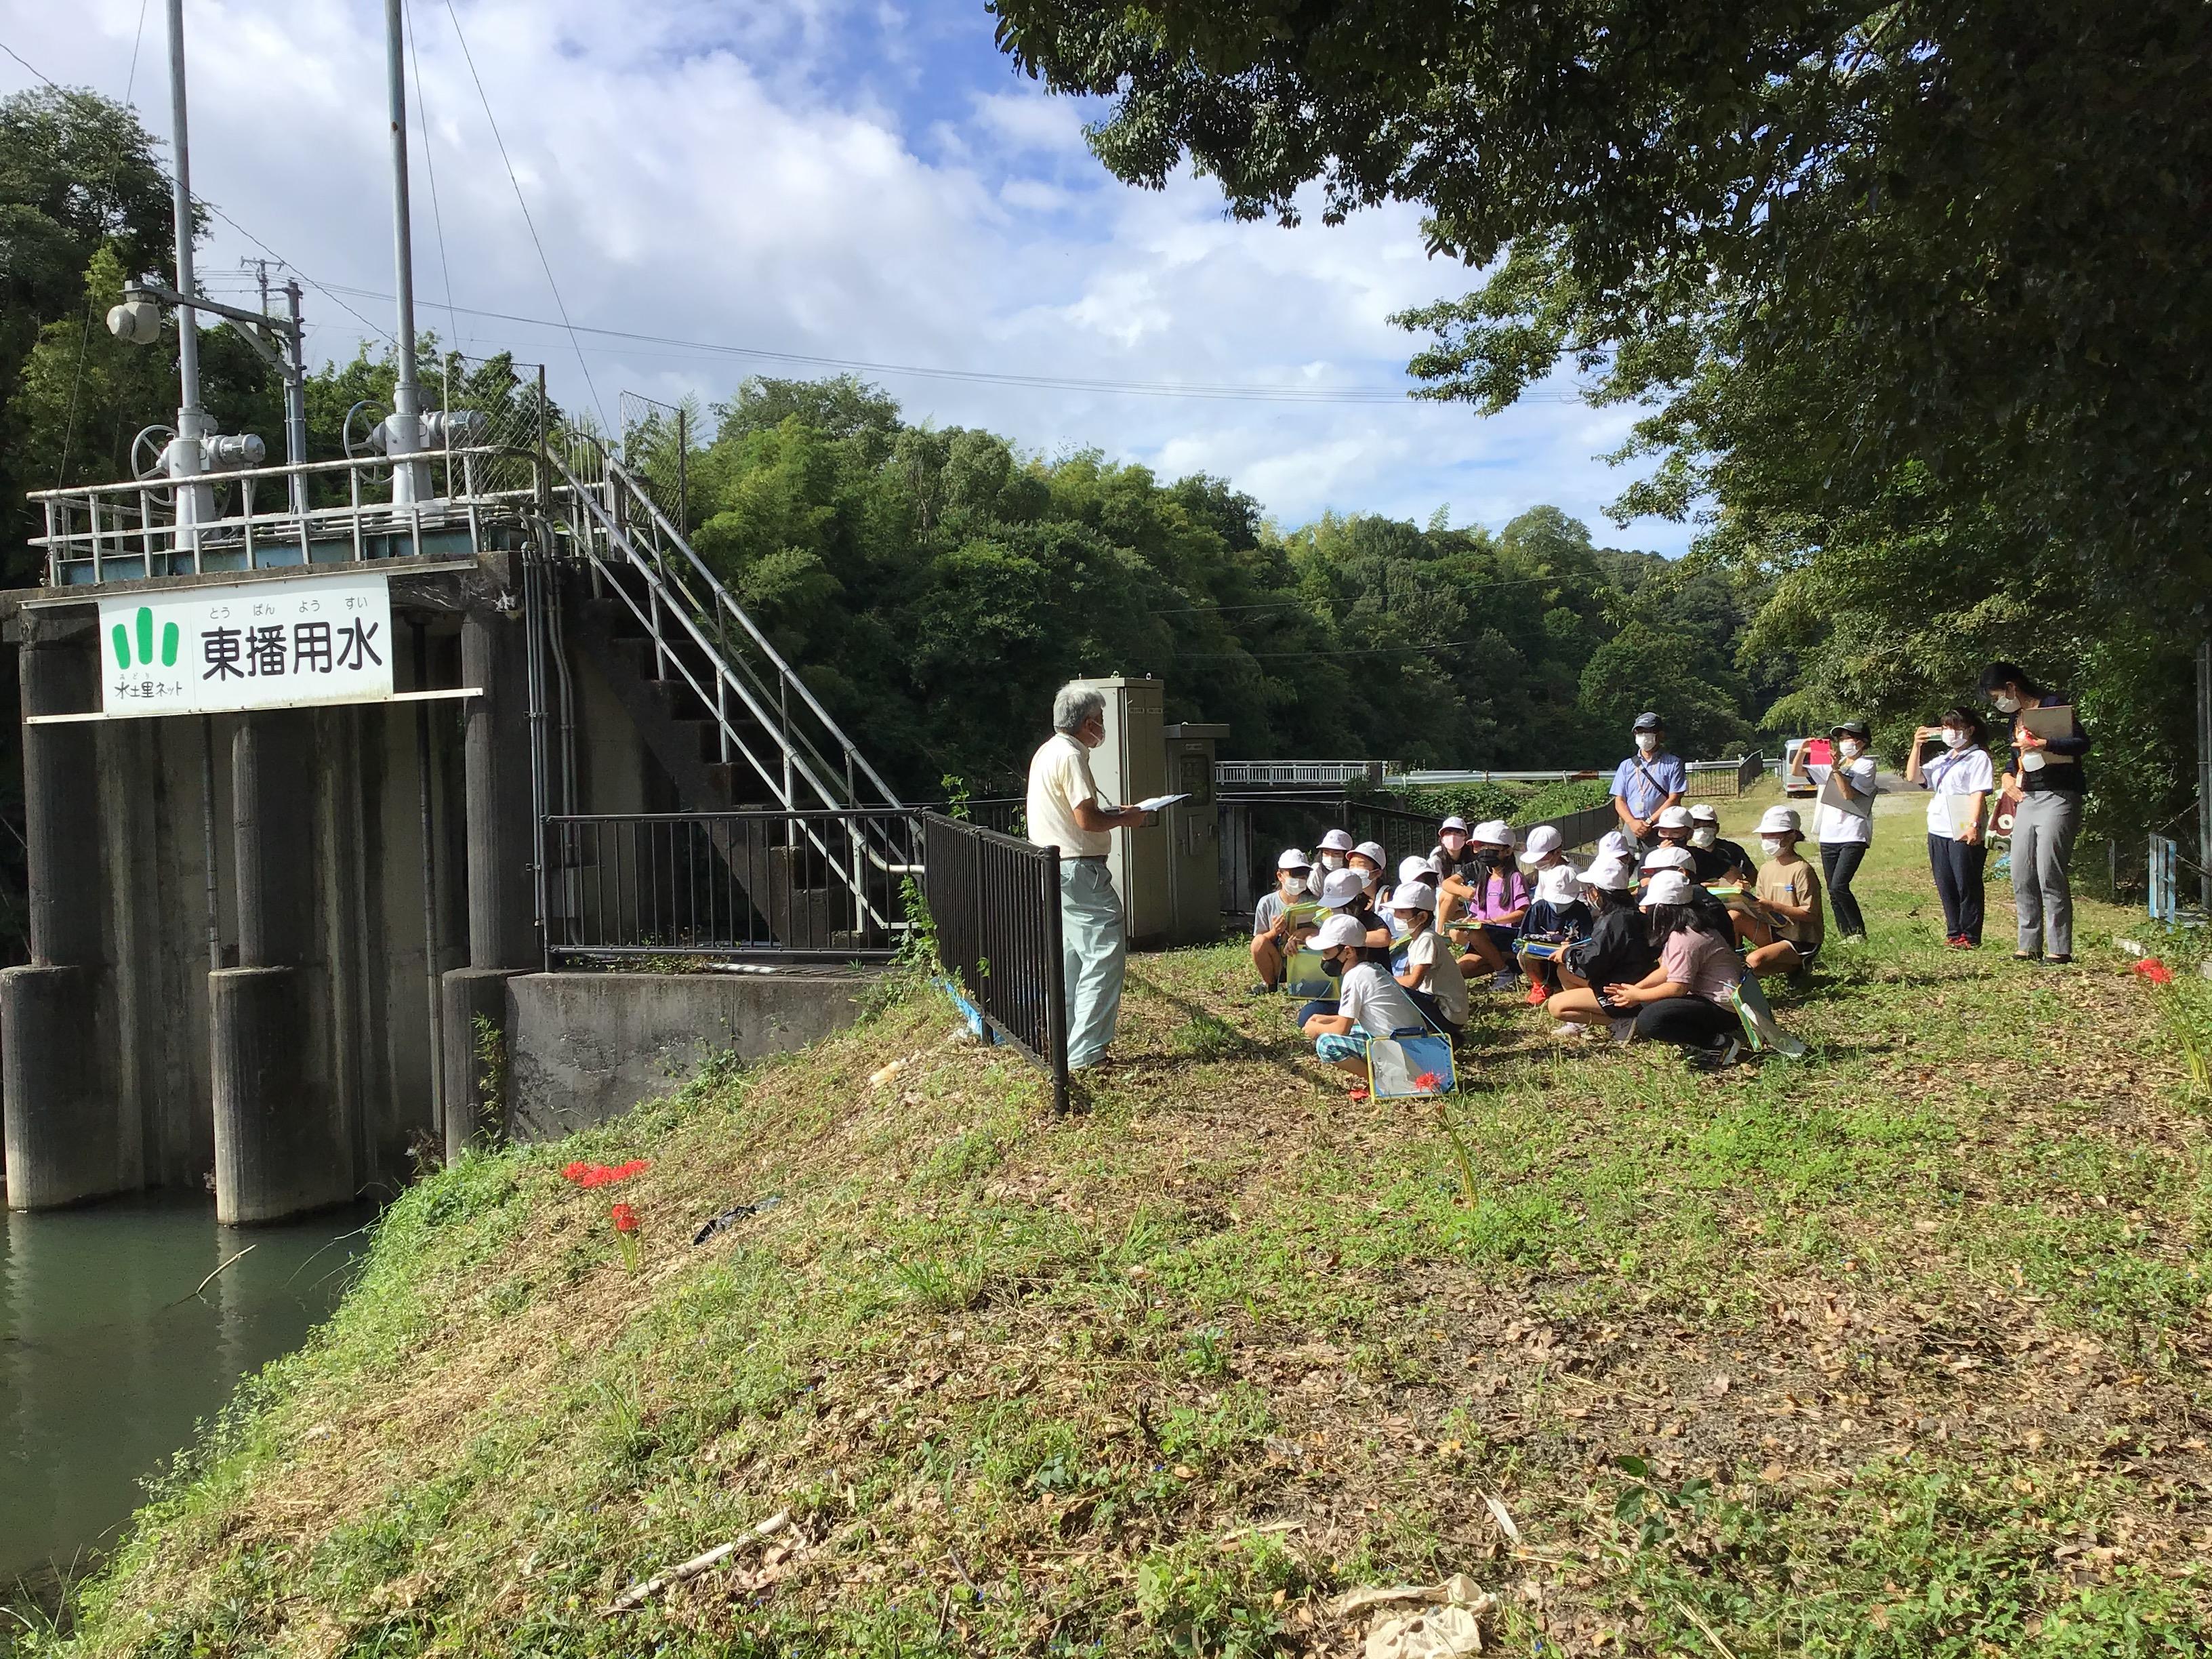 淡河川頭首工で大橋参事が説明。写真左の監視カメラで遠隔操作でゲートの上下が可能。(到着に20分かかってしまうそうです。)